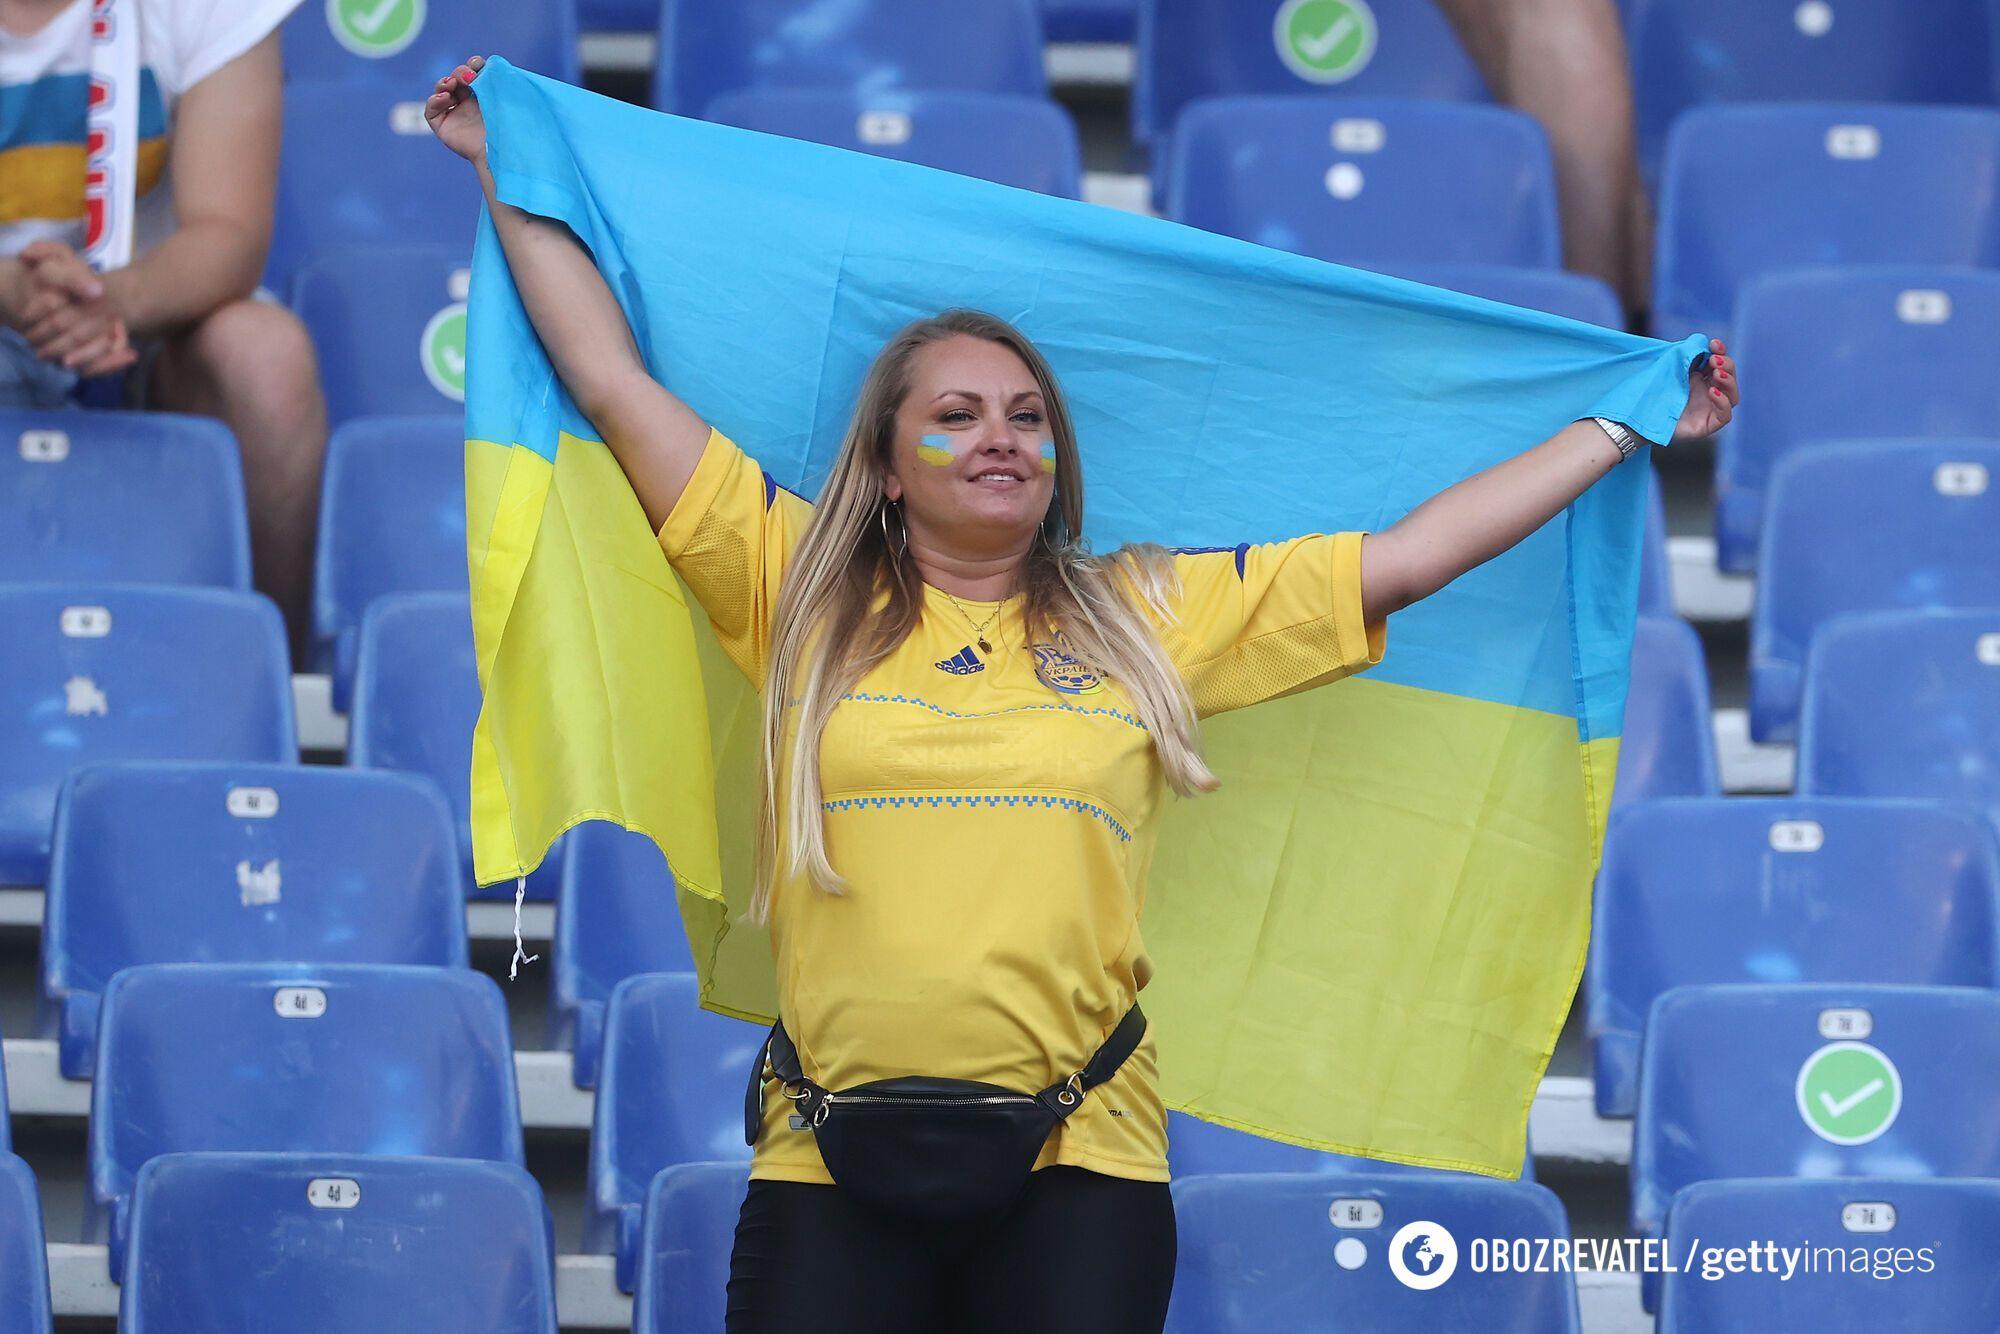 Украинская фанатка на матче в Риме